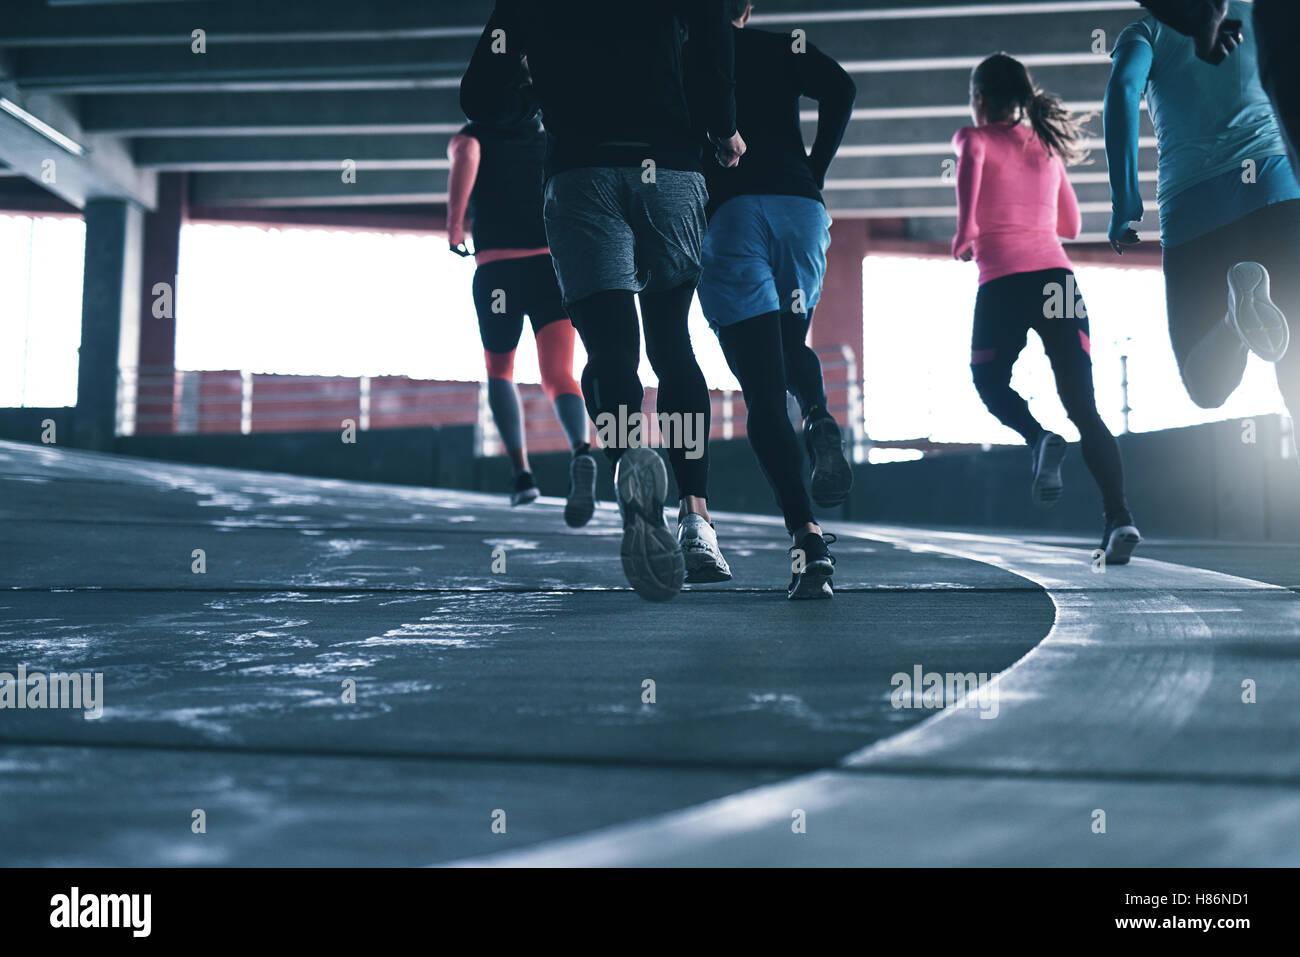 Rückansicht der unkenntlich Sportler im Parkplatz laufen. Exemplar Stockbild